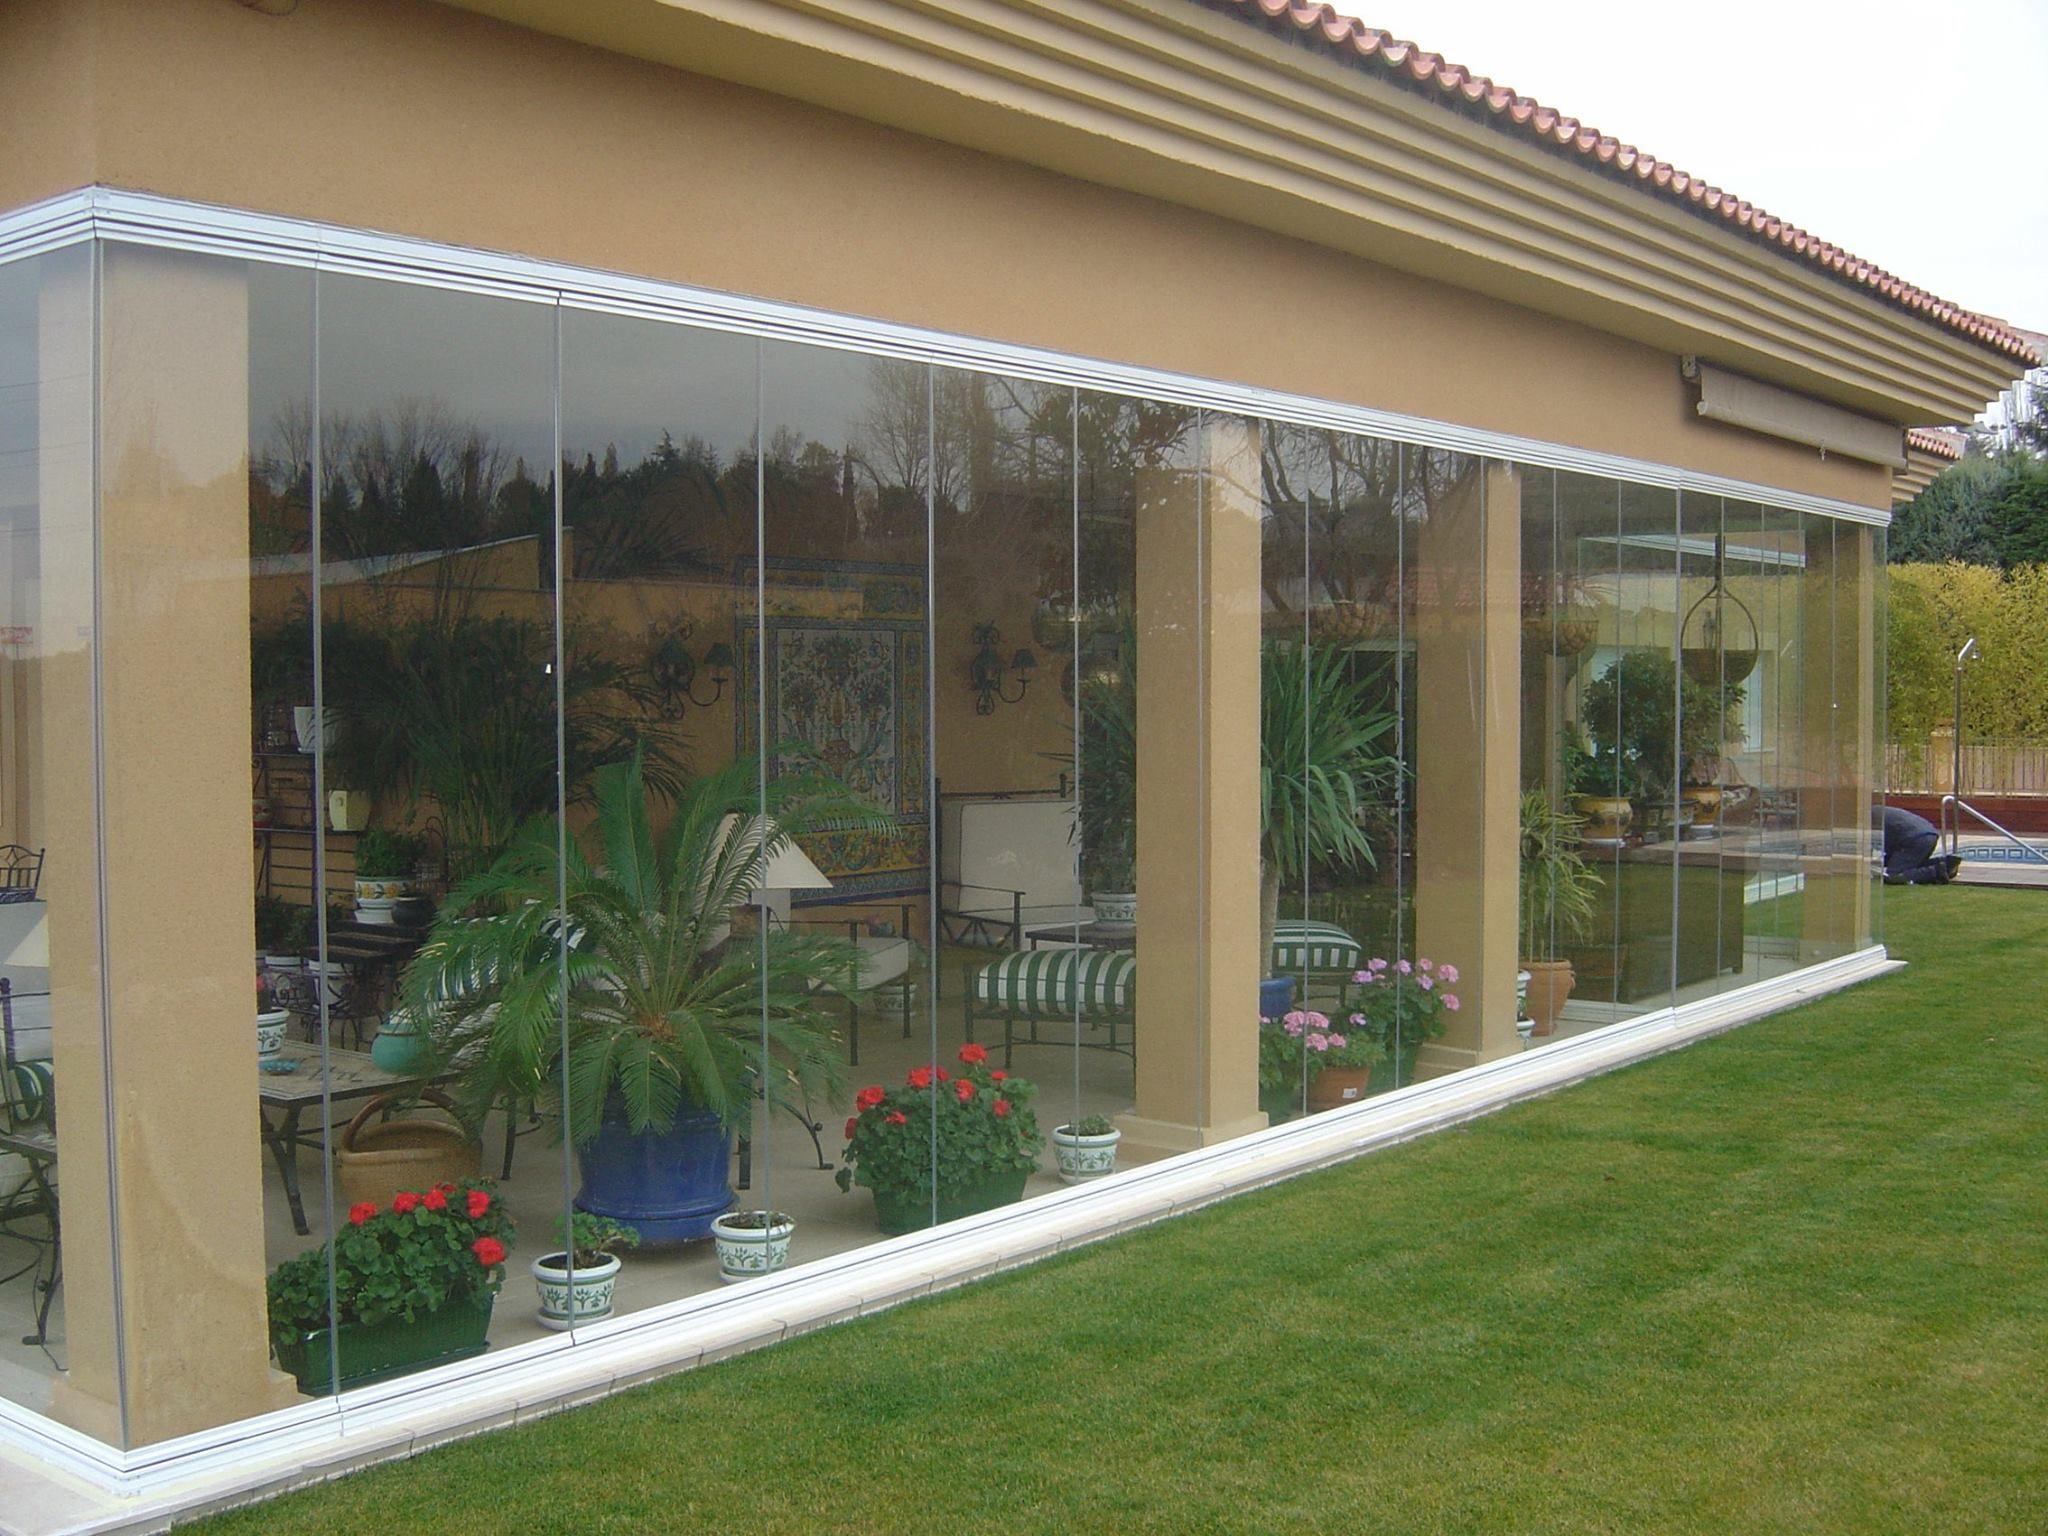 Cerramientos y techos acristalados: Productos y servicios de Cristalería Santanderina